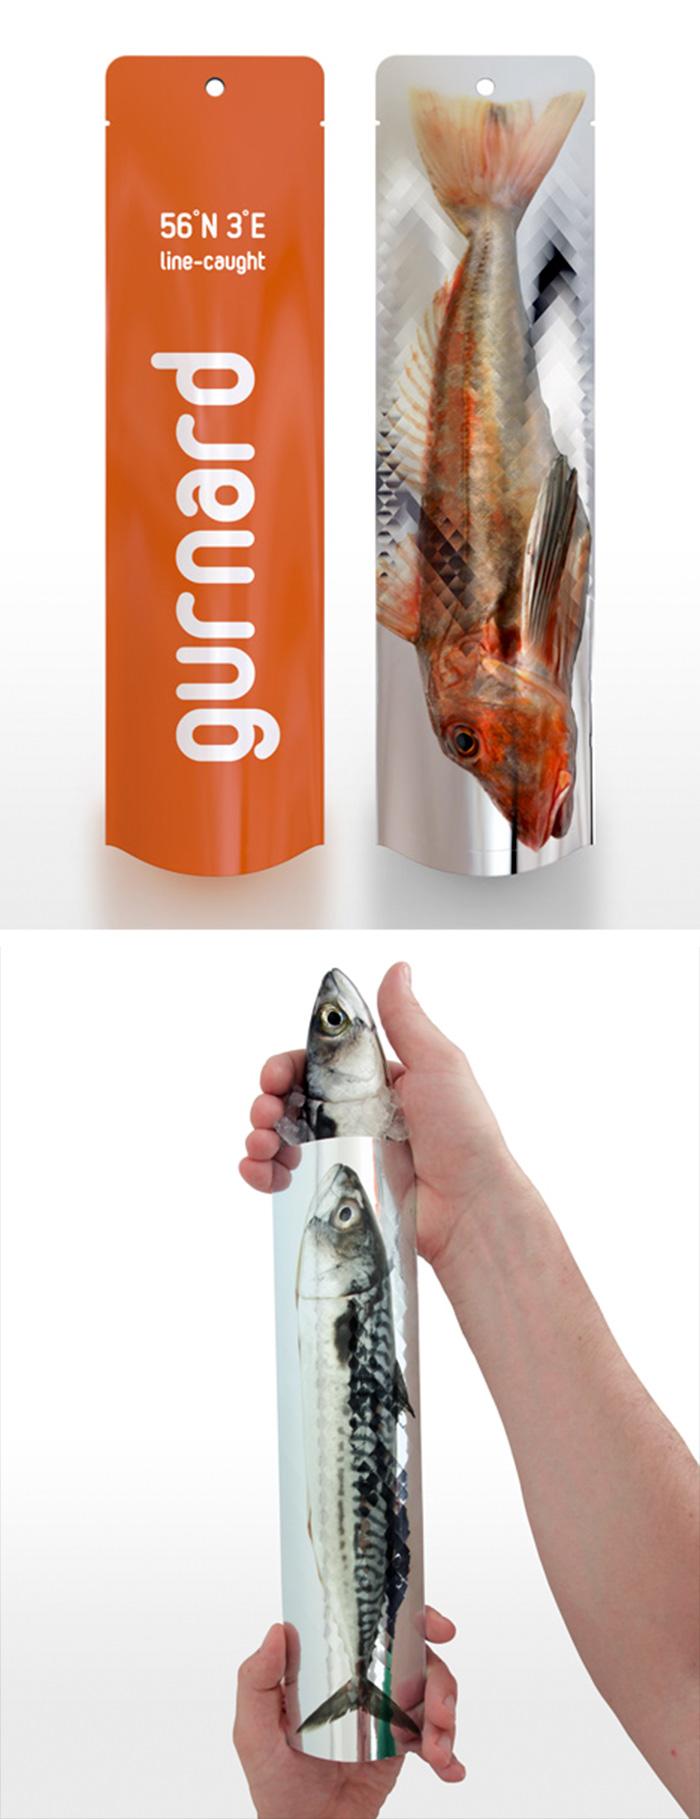 146. Упаковка для свежей рыбы